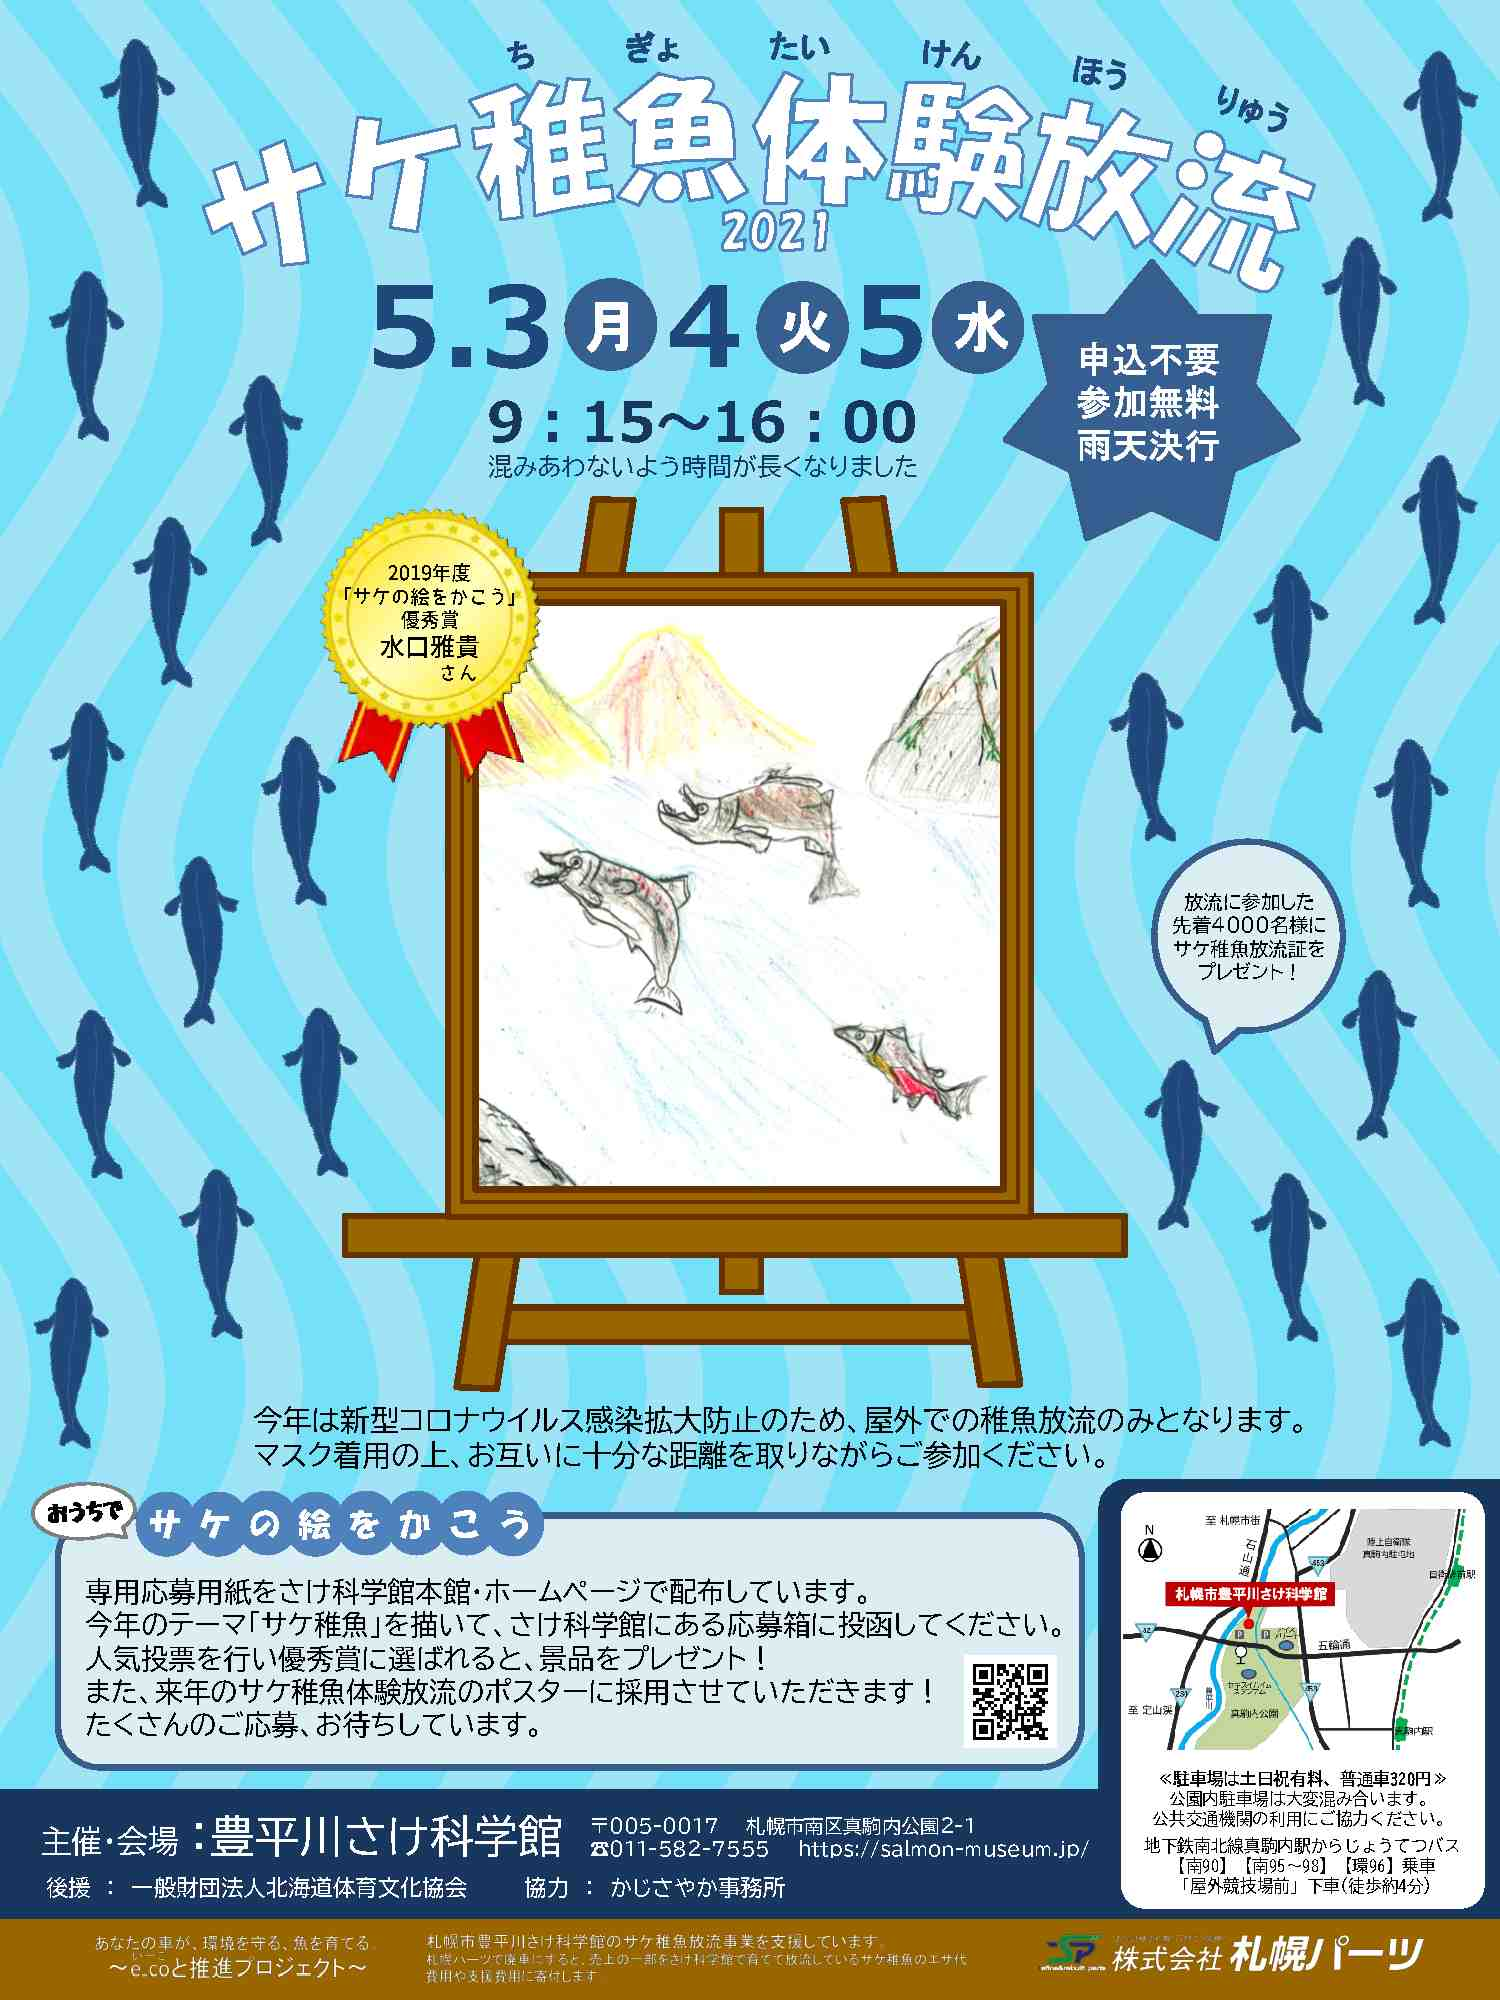 サケ稚魚体験放流2021のおしらせ【中止】